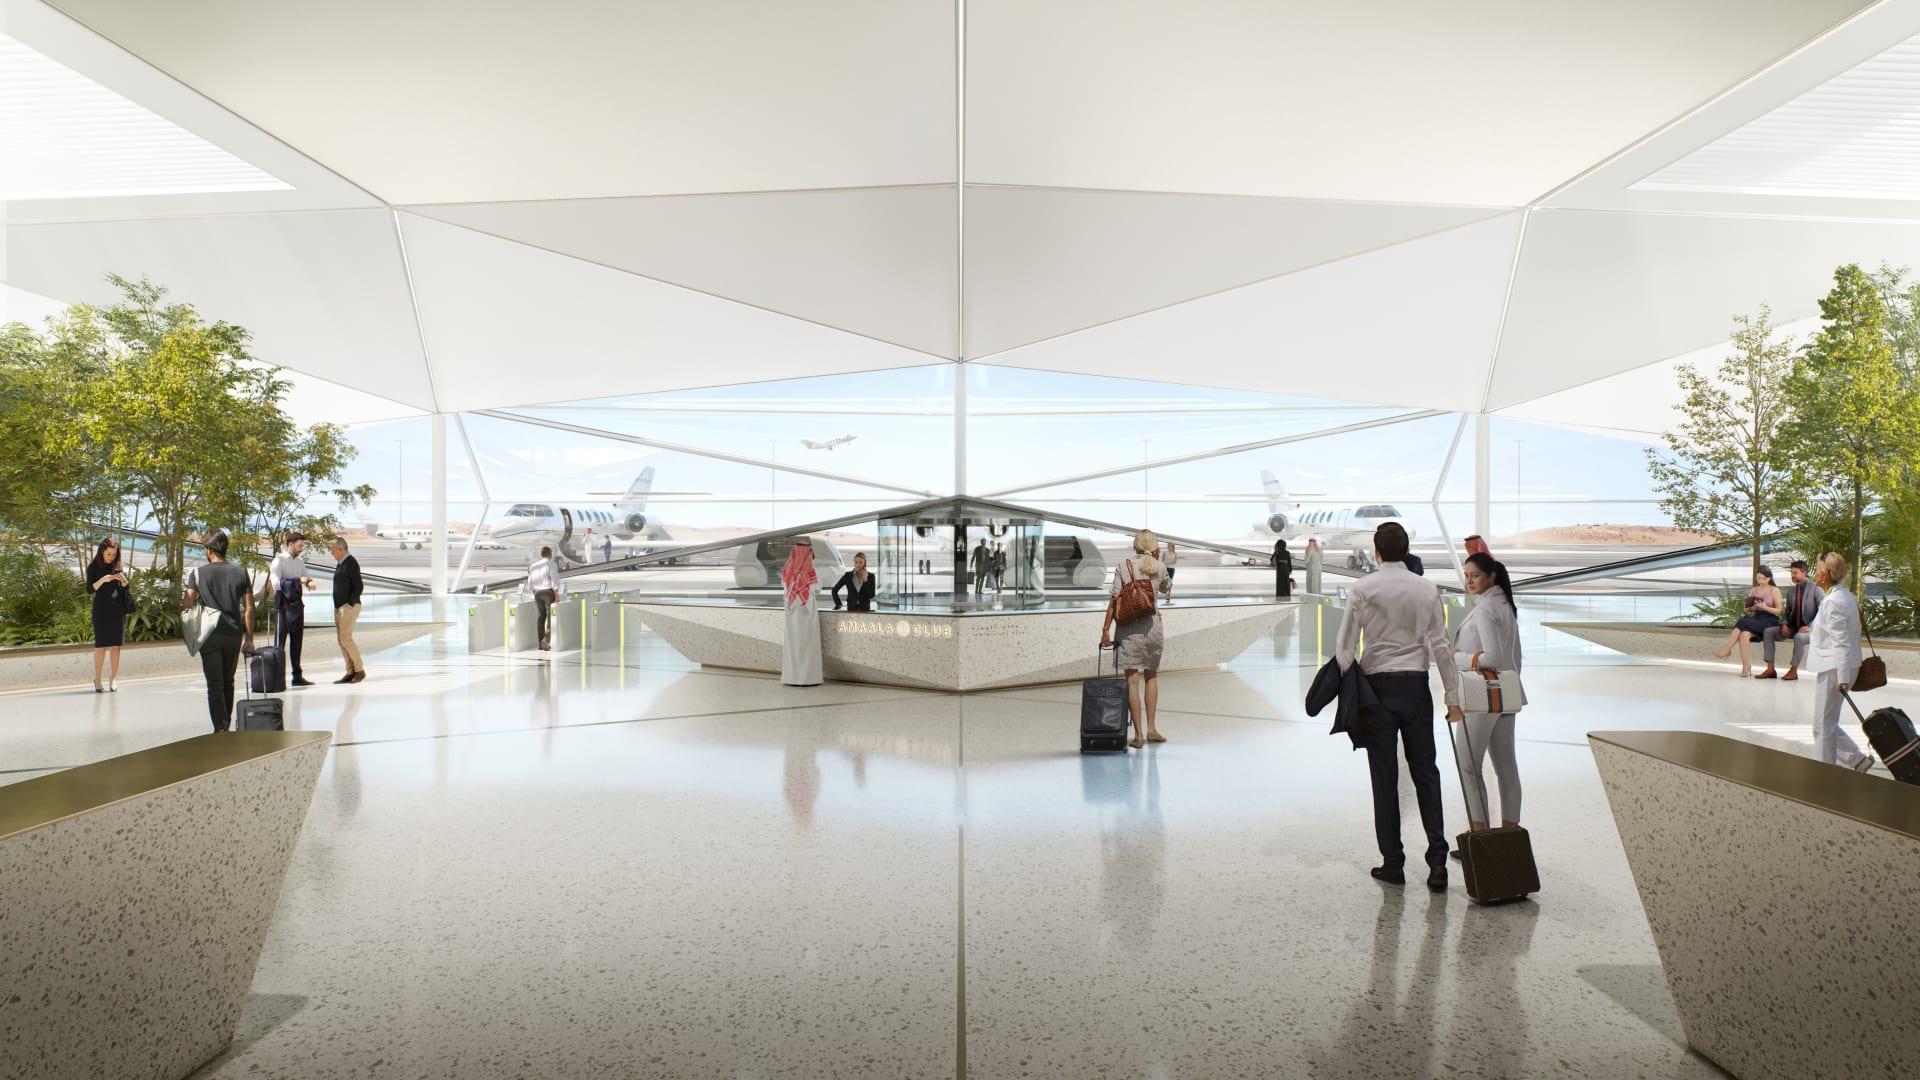 السعودية تكشف النقاب عن تصميم مطار جديد مستوحى من سراب الصحراء.. كيف سيبدو؟